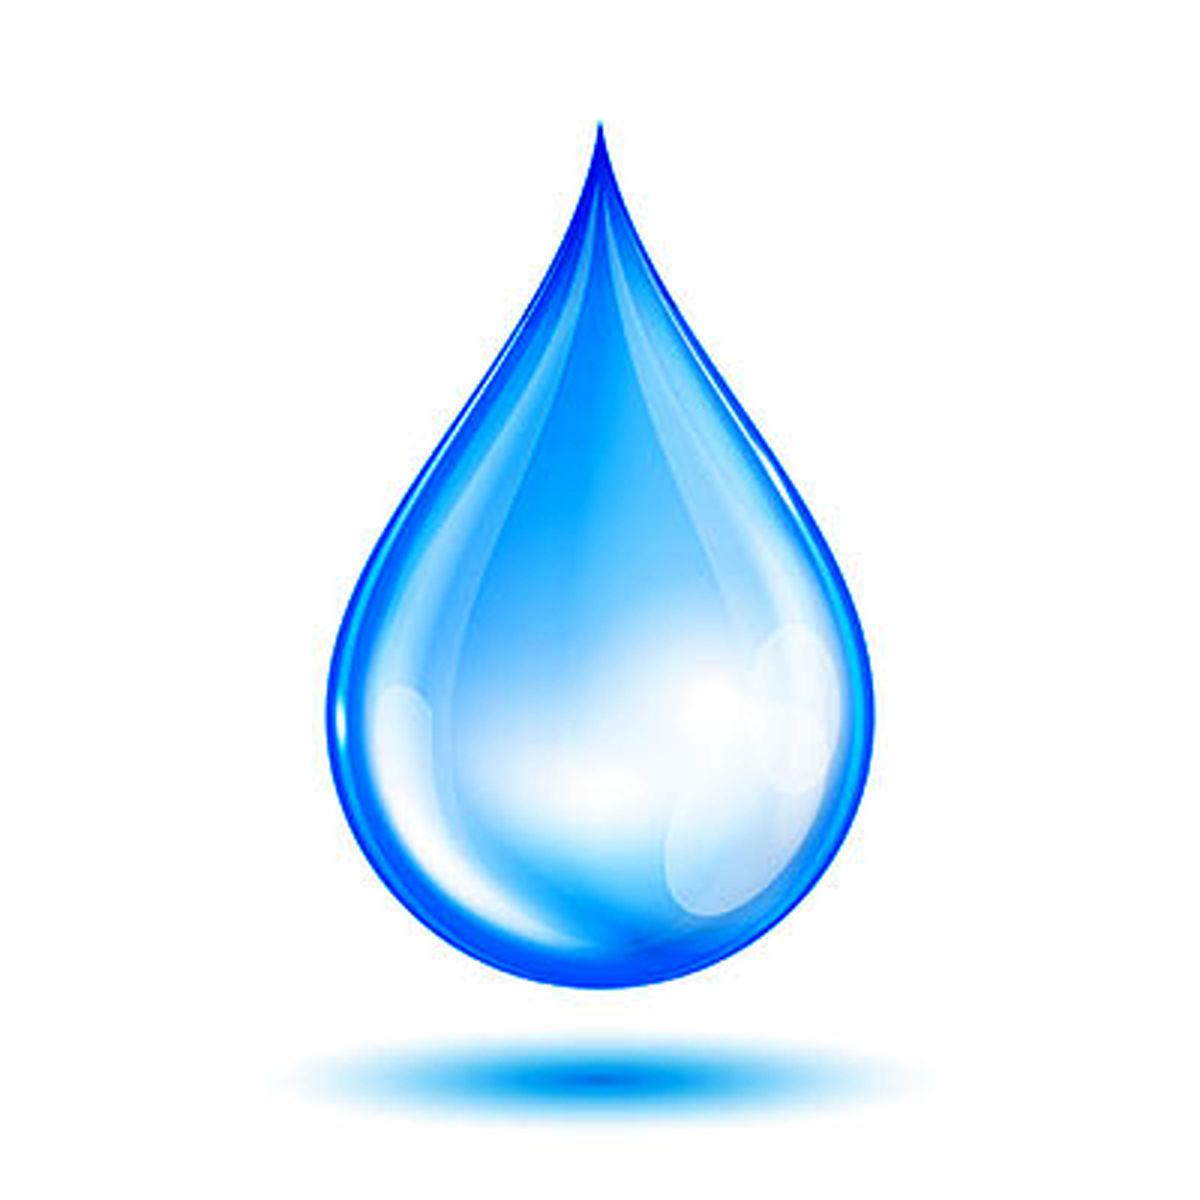 پویش آب در «شهر امن»/بیاید آب را نجات دهیم!